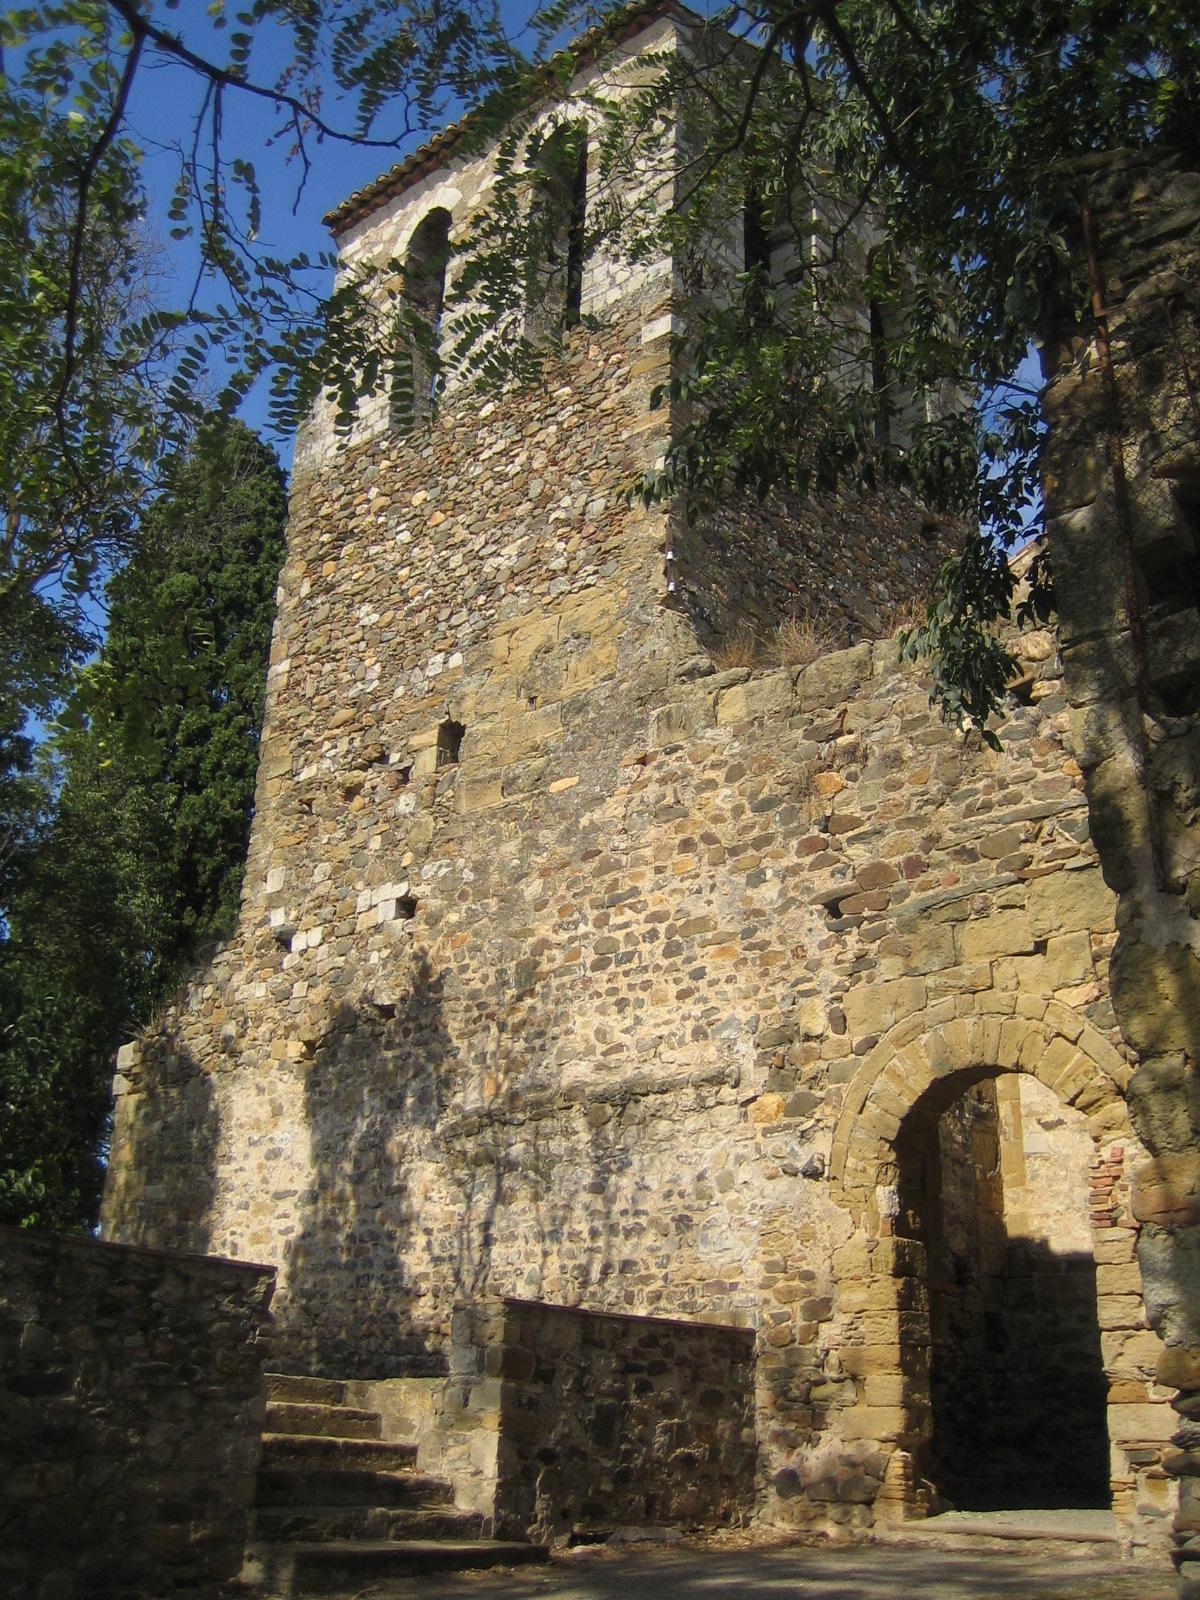 La imatge mostra la façana del monestir. Veiem a l'extrem esquerra la torre campanar i a la part inferior la porta adovellada d'accés a l'església. El sostre de la nau va caure durant el terratrèmol del segle XVI per la qual cosa l'interior de l'església es troba més enretirada. El temple és d'estil romànic benedictí i per la decoració dels absis amb els nervis i les dobles arcuacions es diu que es de tradició llombarda. És un temple molt important pels objectes artístics que s'hi van trobar com també perquè conté un dels pocs frescos d'època romànica conservats in situ.